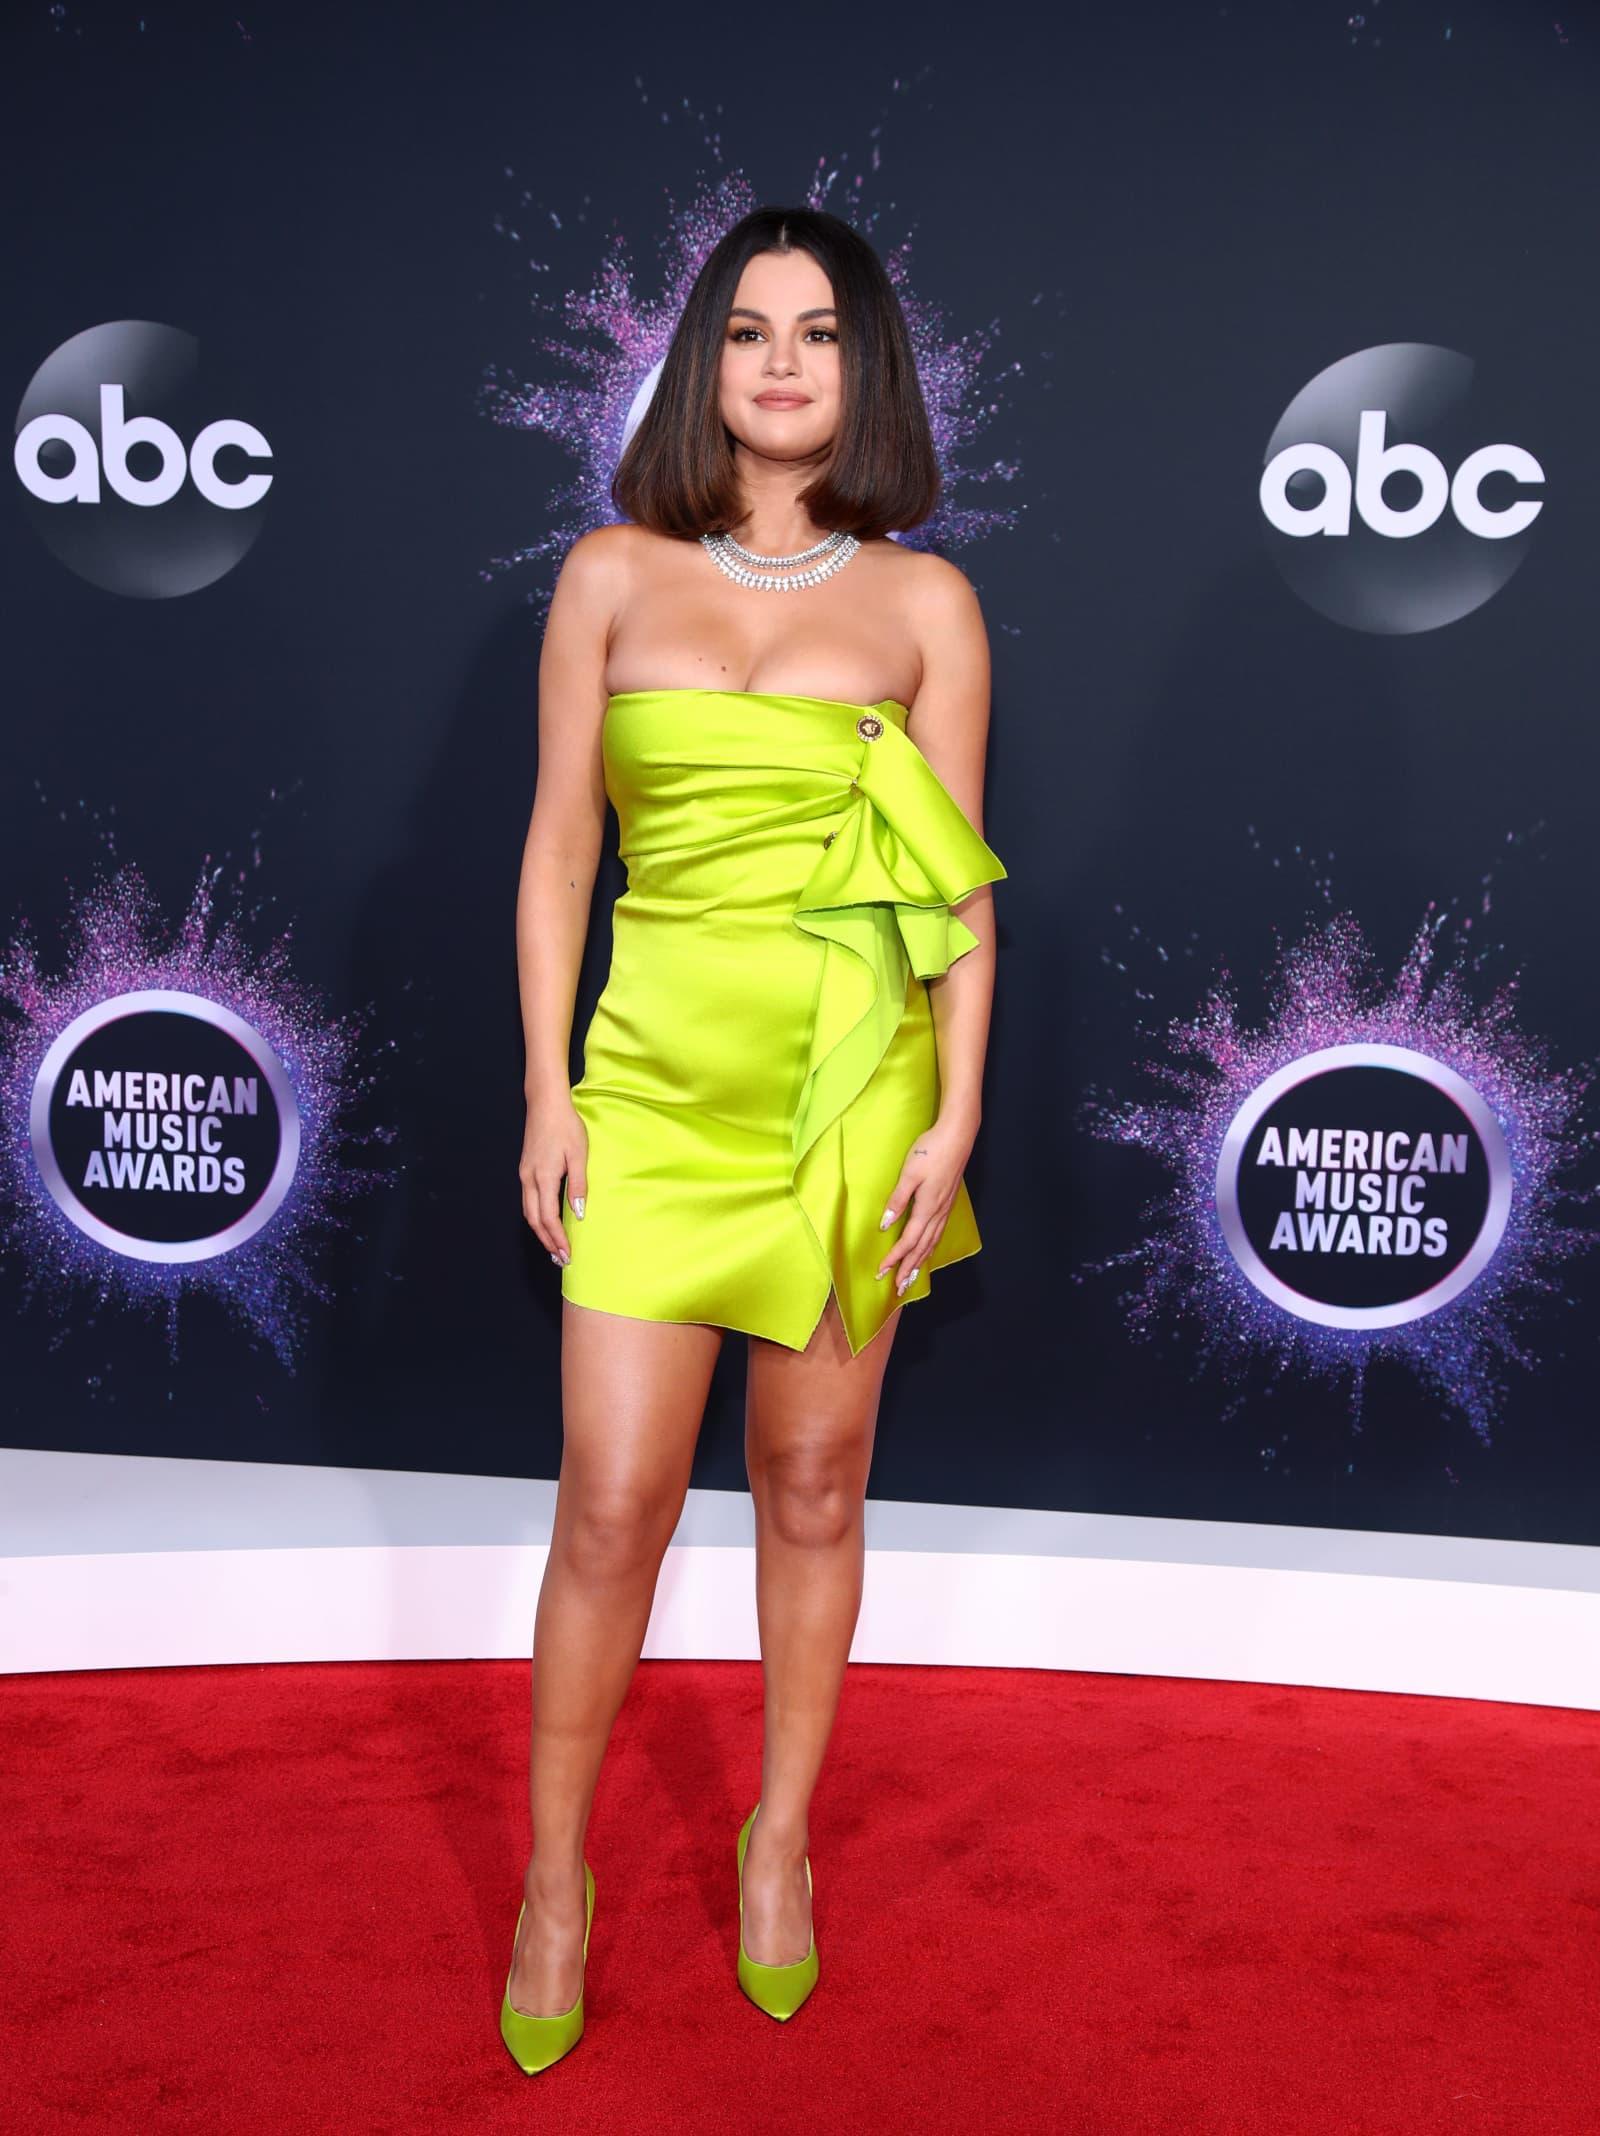 Nach Kritik an Selena Gomez' AMA-Auftritt: Sie soll eine Panikattacke erlitten haben